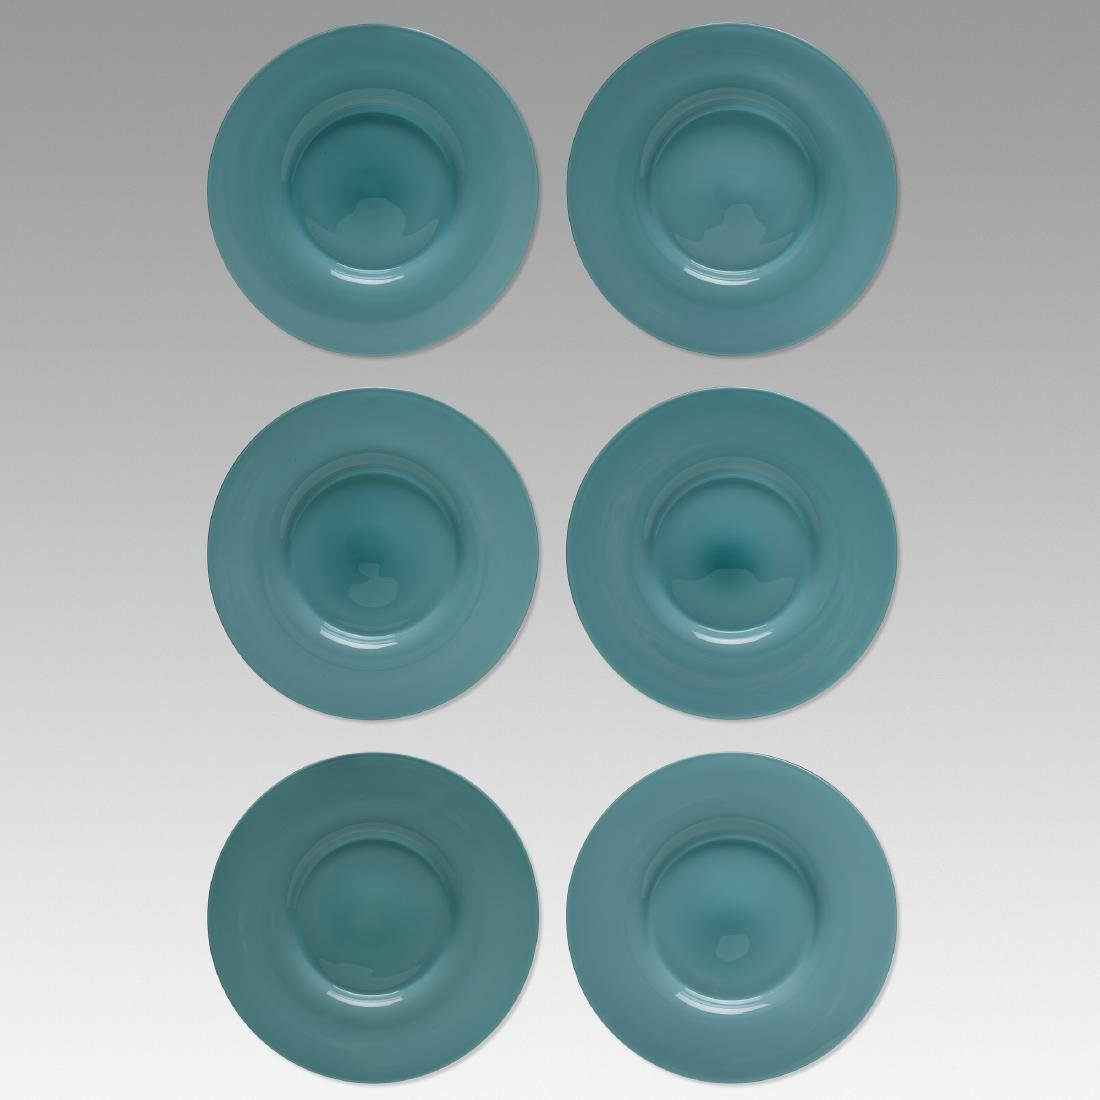 Paolo Venini, Opalino plates, set of six